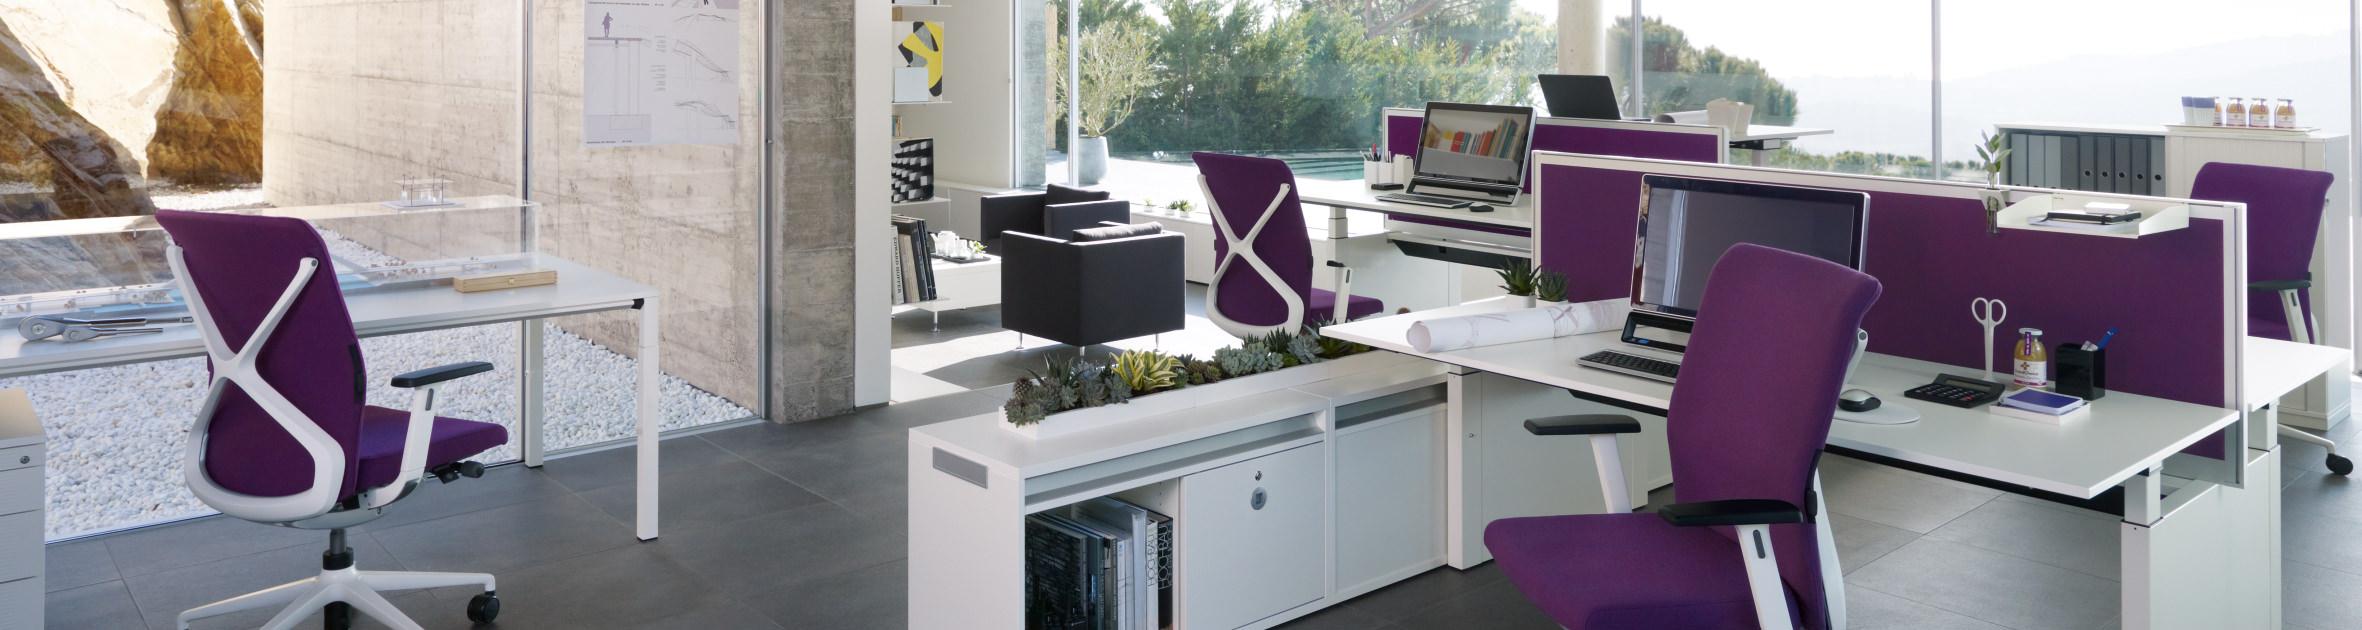 ckw Einrichtung, Büro in Lila